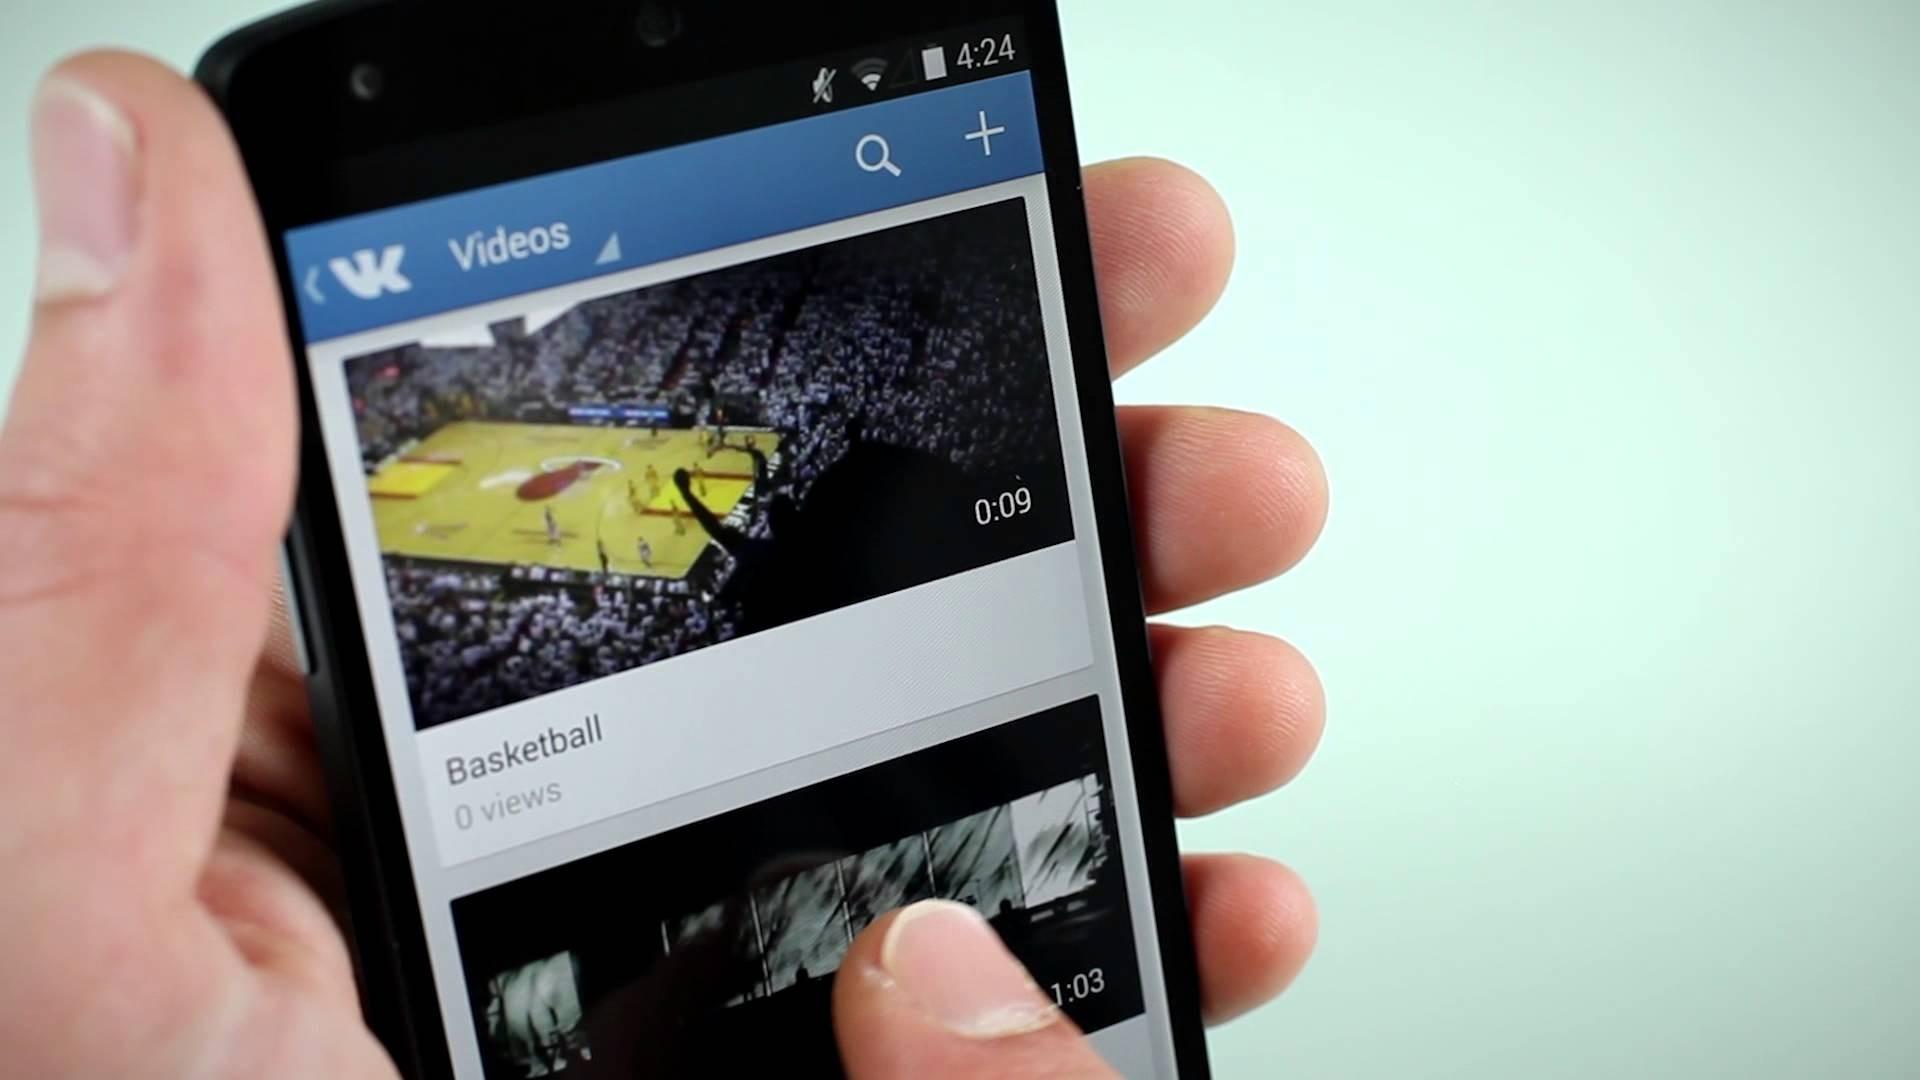 ВКонтакте разработает новую соцсеть Snapster